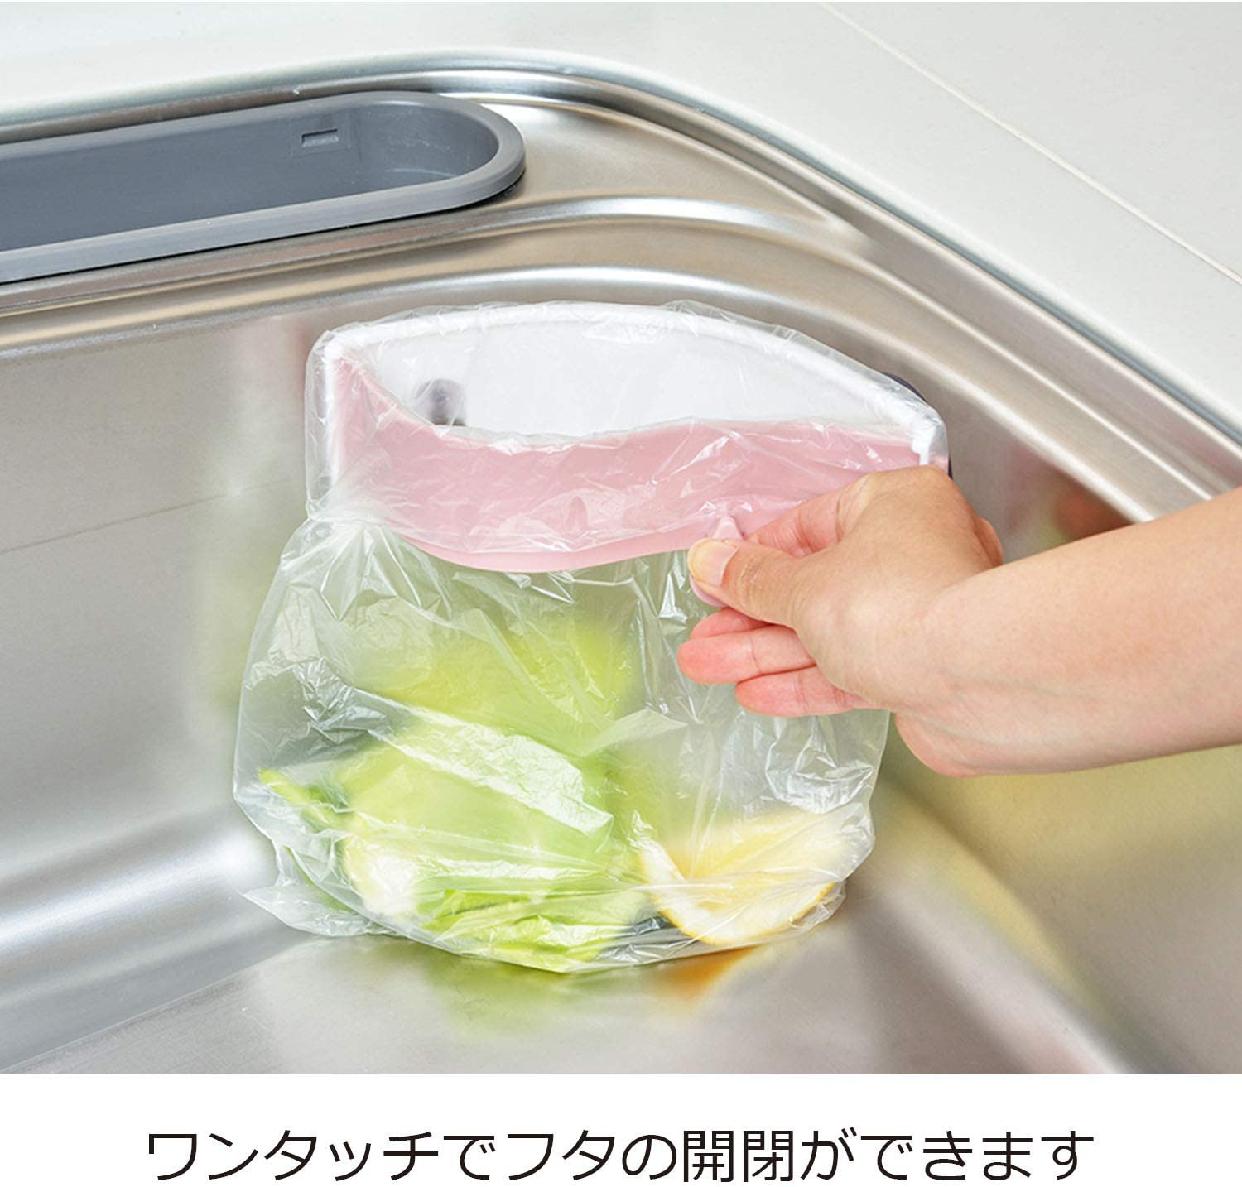 AUX(オークス) パコン!としまるごみ袋ホルダー  【レイエ】  LS1517の商品画像2